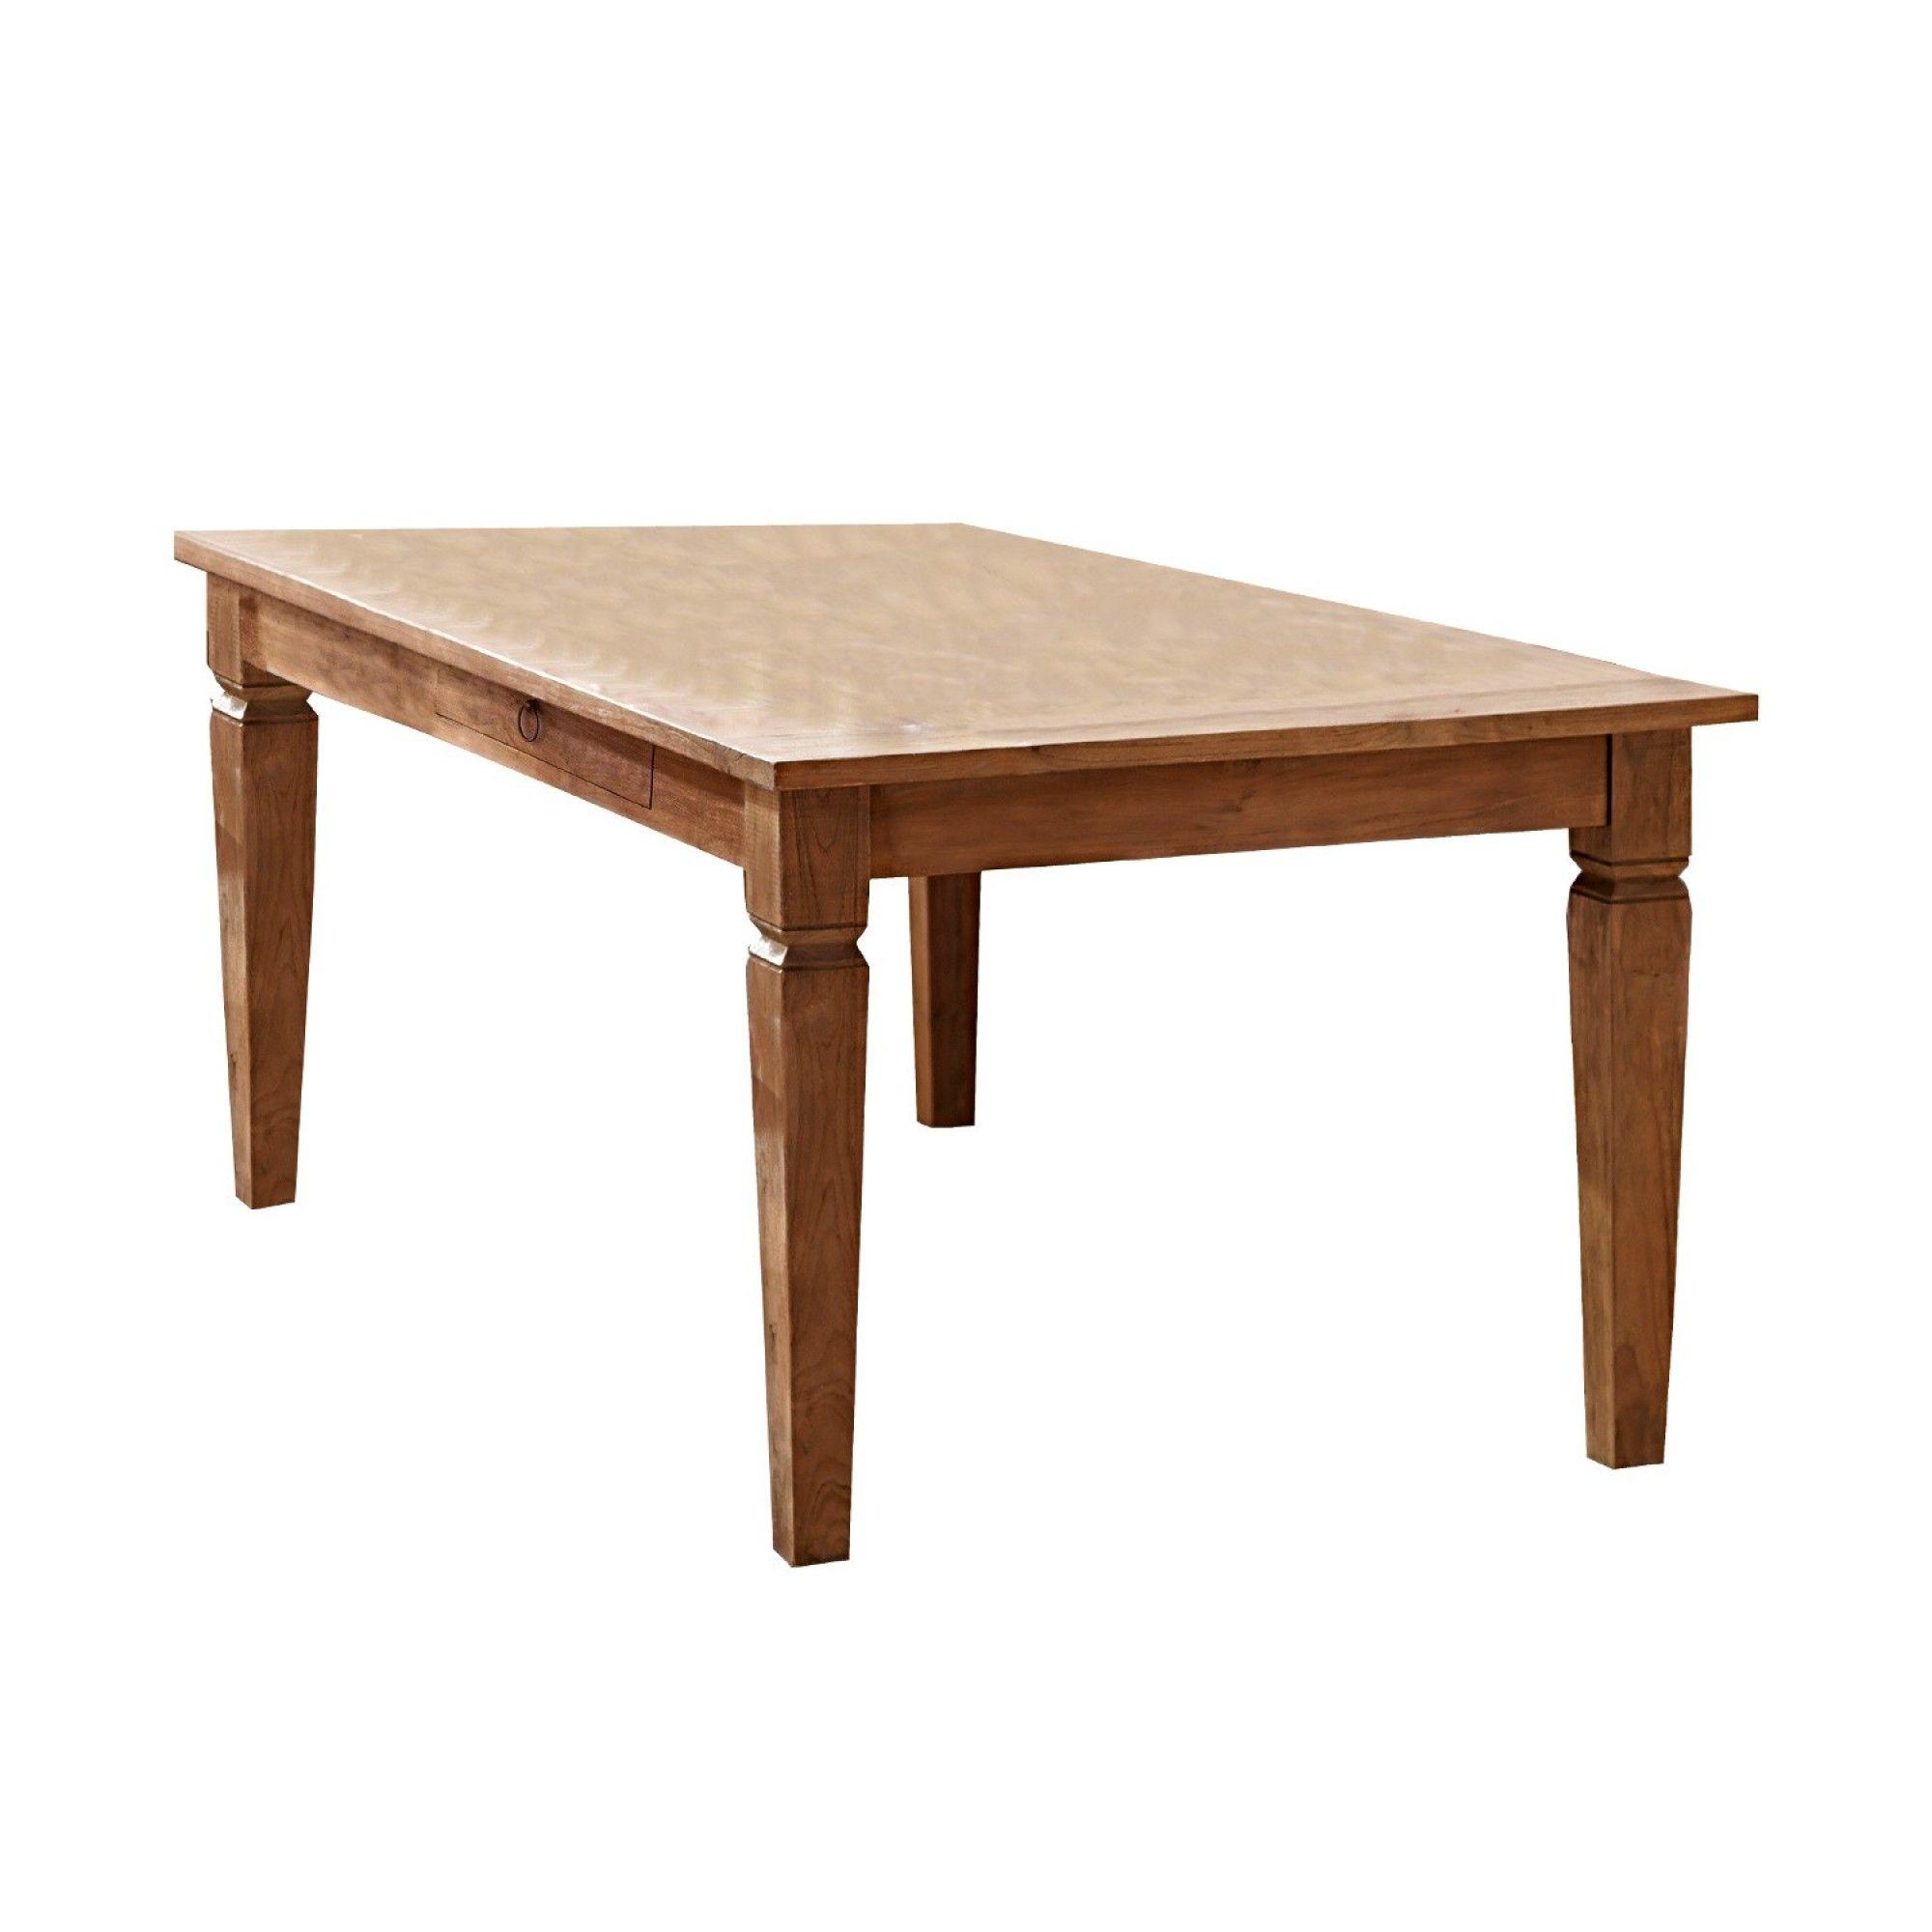 """Tisch Oregon Zeitlose Schönheit mit inneren Werten das ist eine seltene und kostbare Kombination Bei unserem Esstisch """"Oregon"""" ist uns se gelungen"""